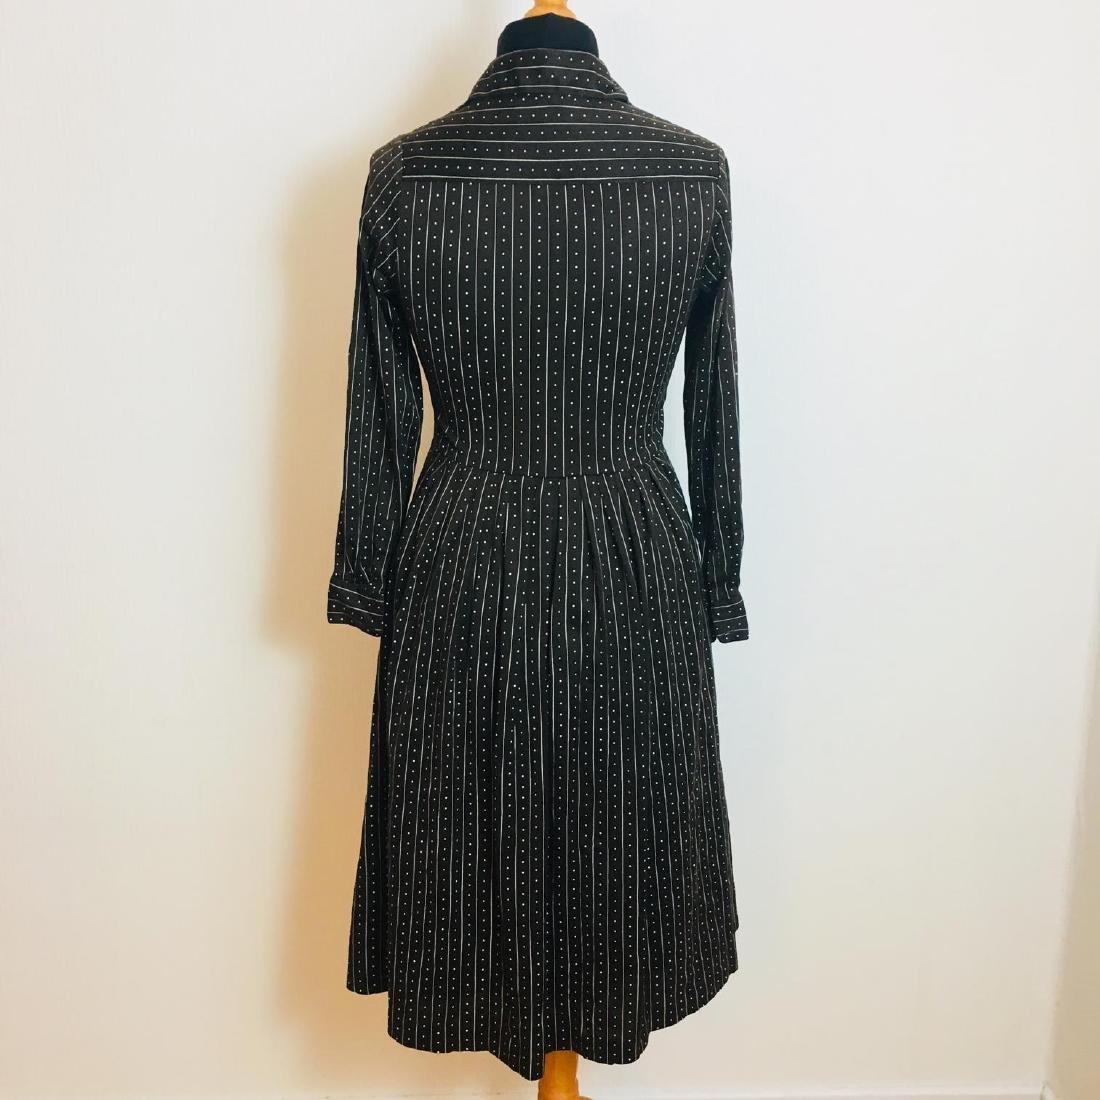 Vintage Women's Cocktail Evening Dress Size EUR 38 US 8 - 6